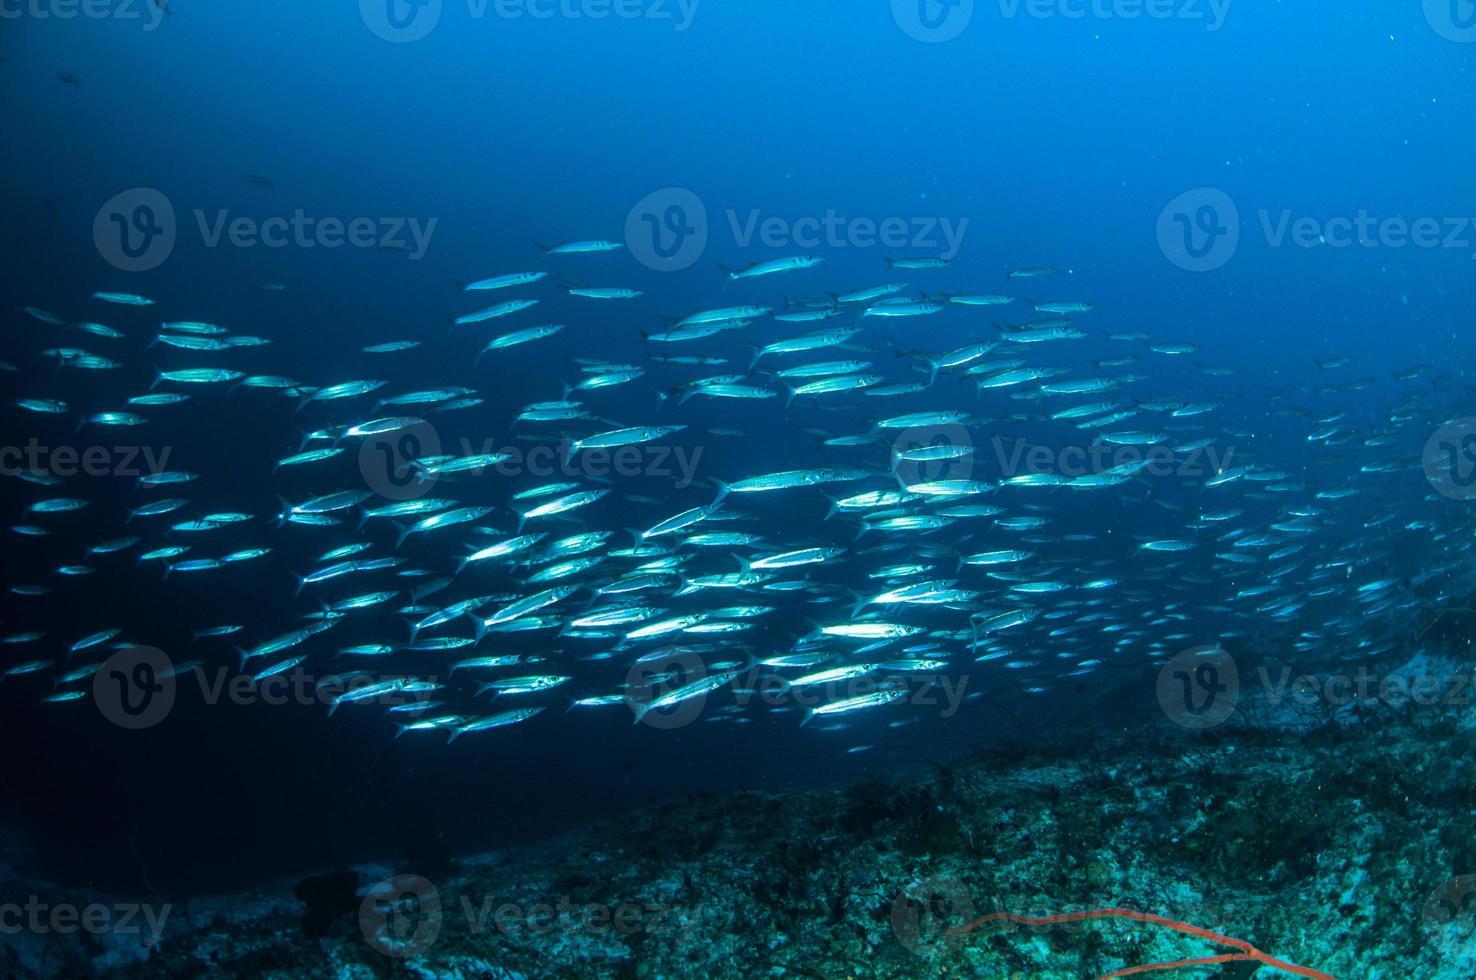 schuler fisch barrakuda kapoposang indonesien unterwasser taucher foto